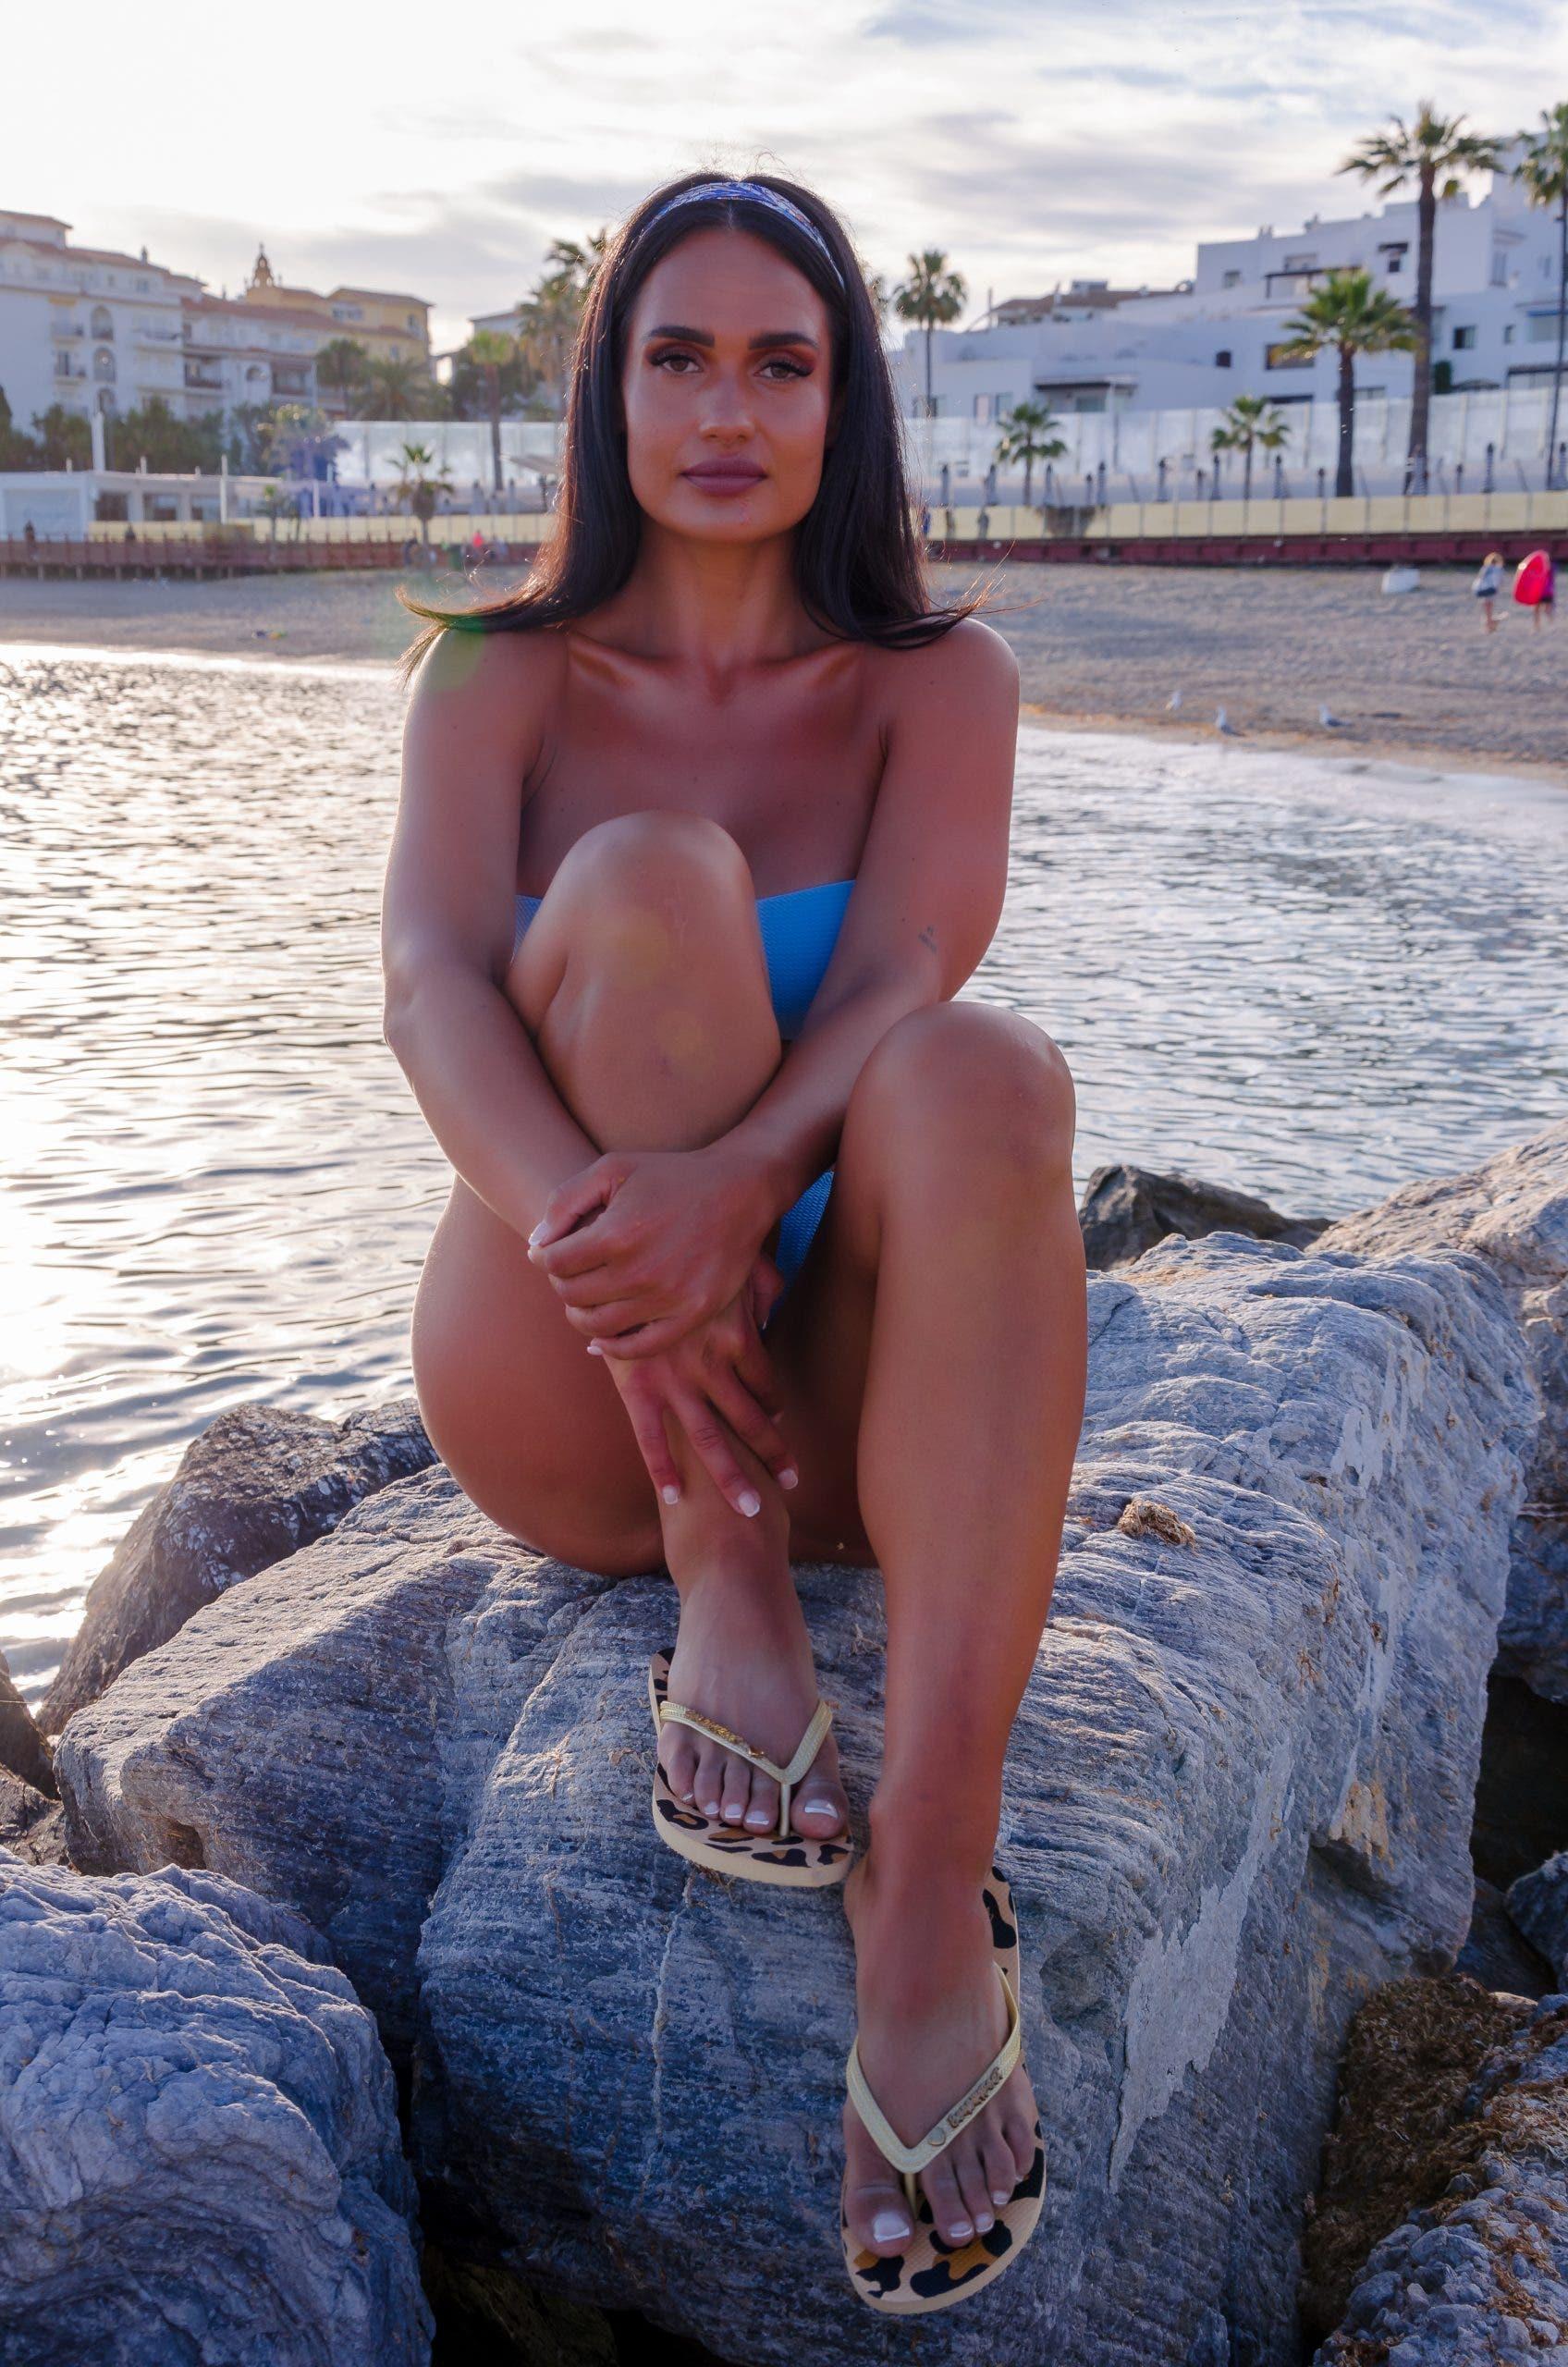 beachwear brand BeachyFeet